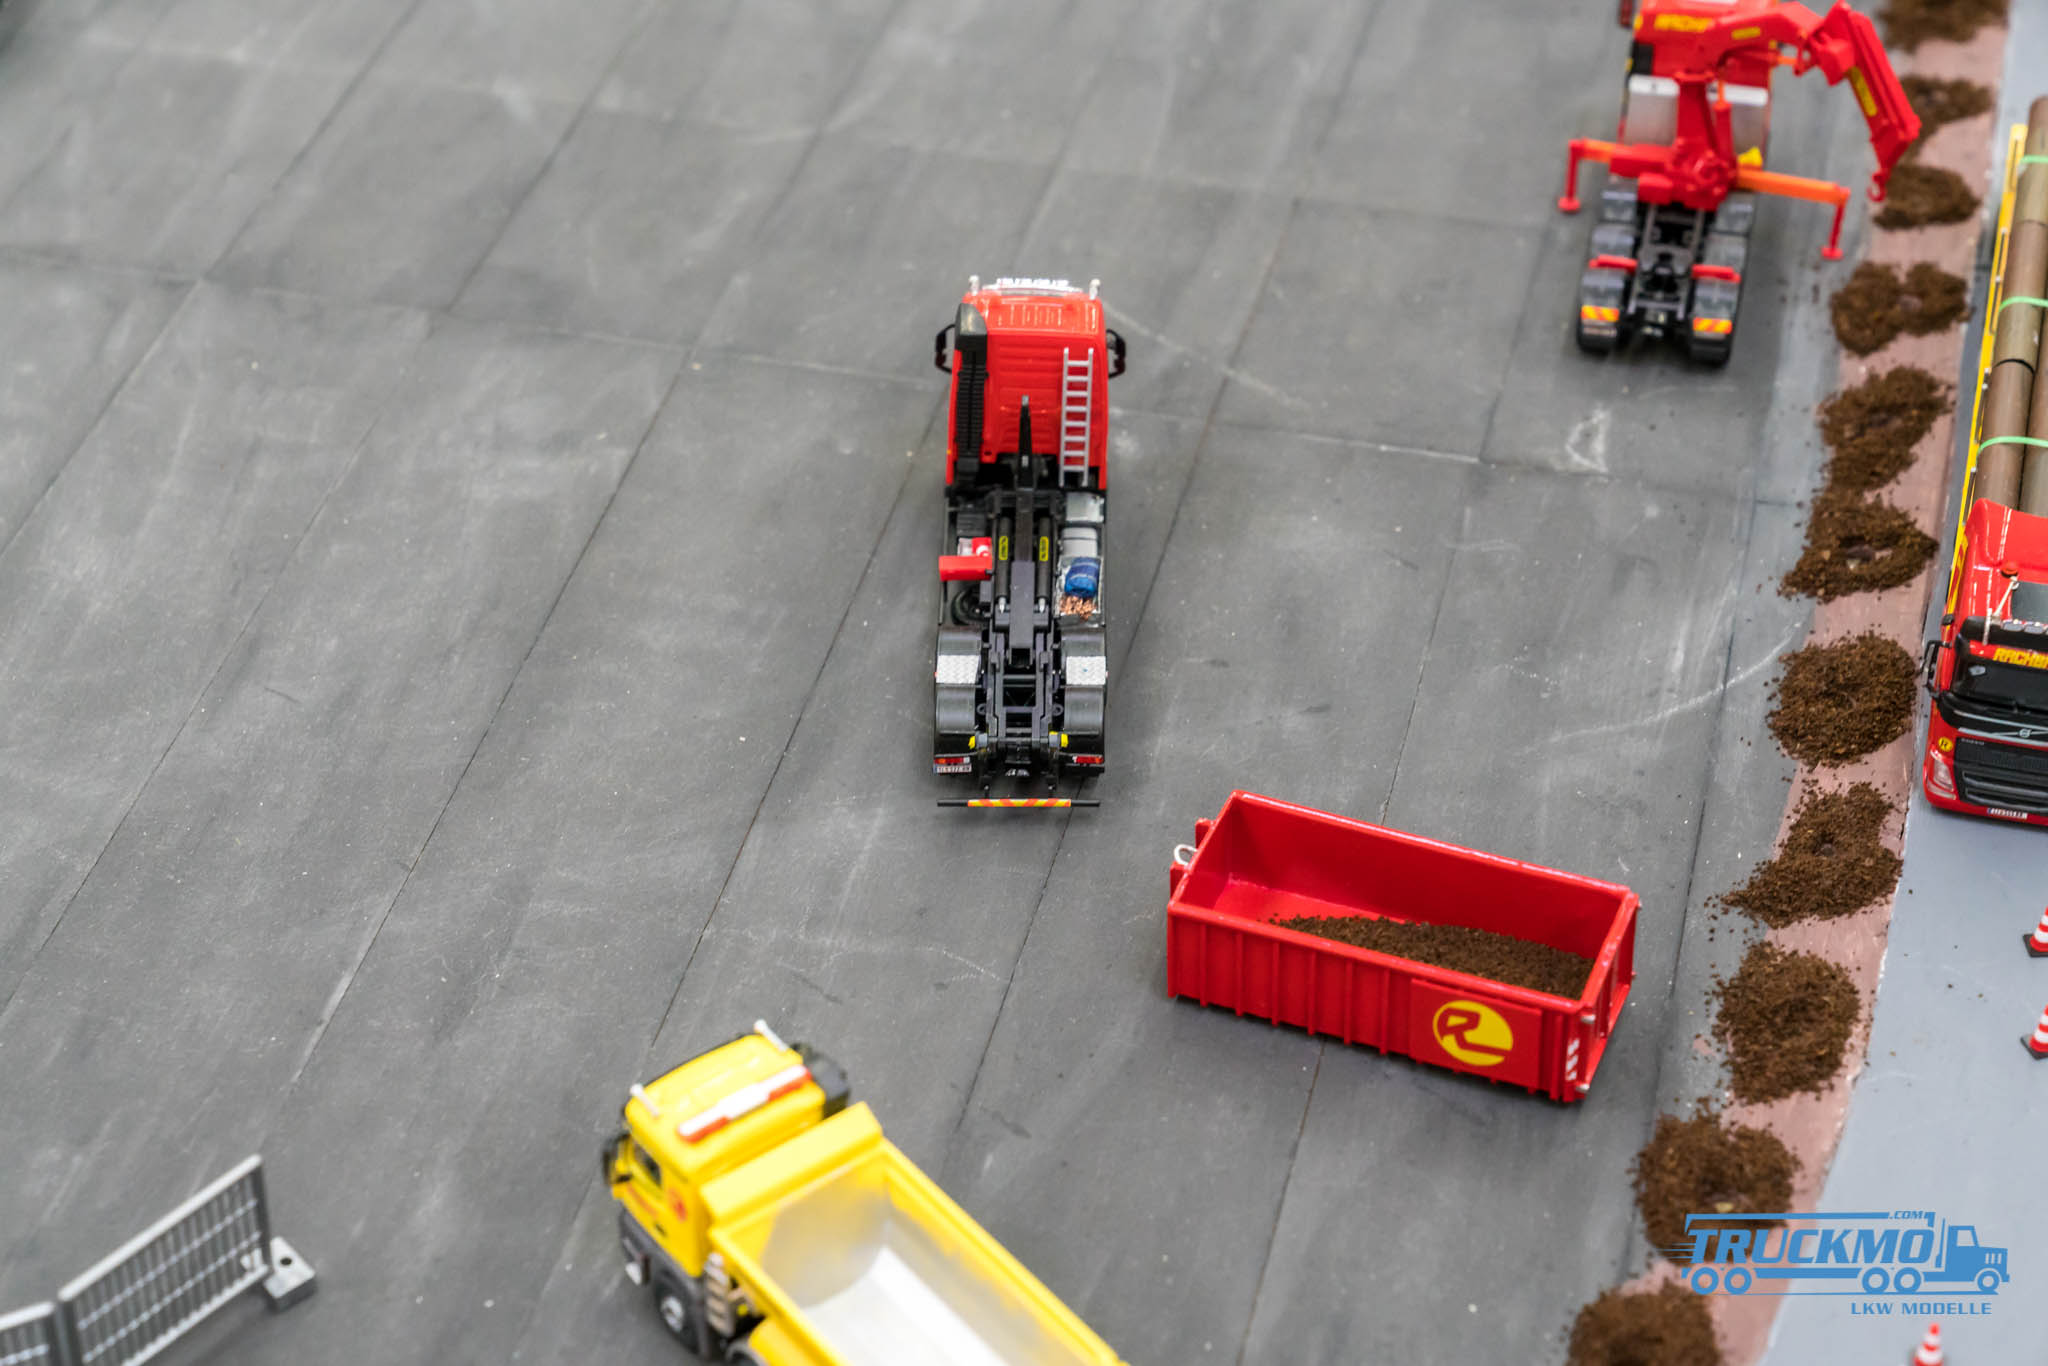 Truckmo_Modellbau_Ried_2017_Herpa_Messe_Modellbauausstellung (233 von 1177)